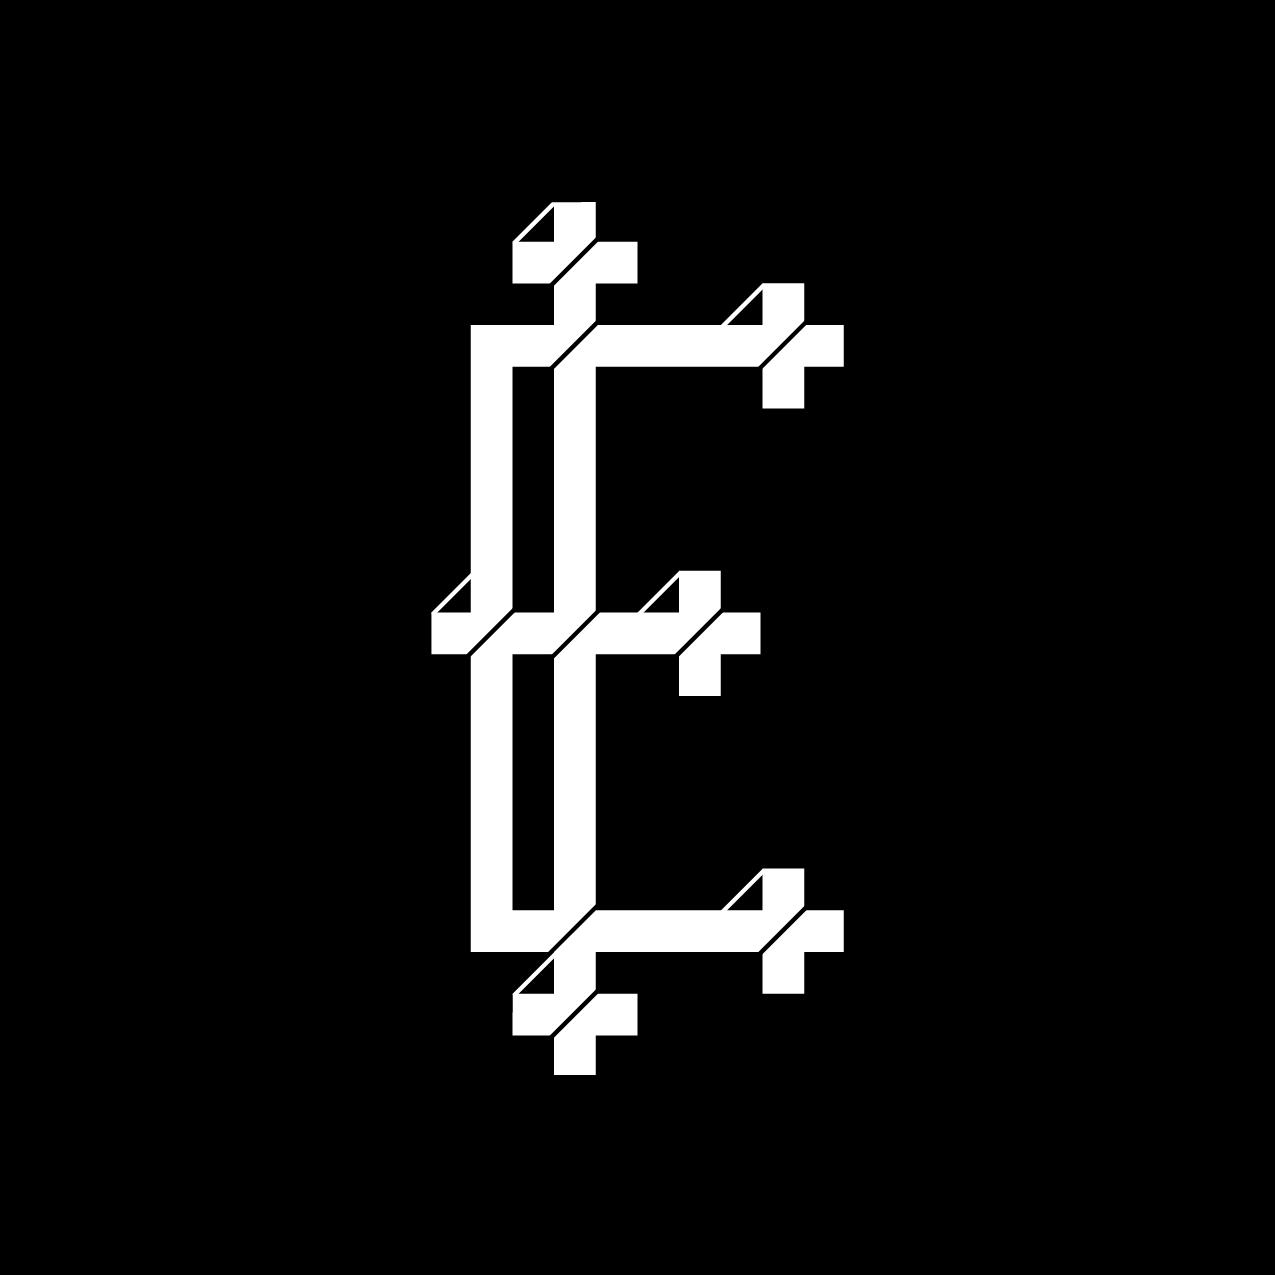 Letter E3 design by Furia